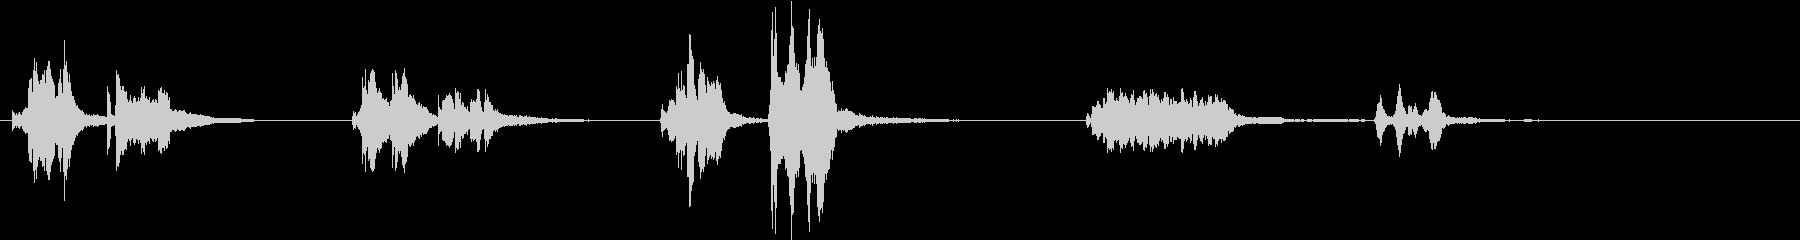 トムとジェリー風アニメ音楽「ウィンク」3の未再生の波形